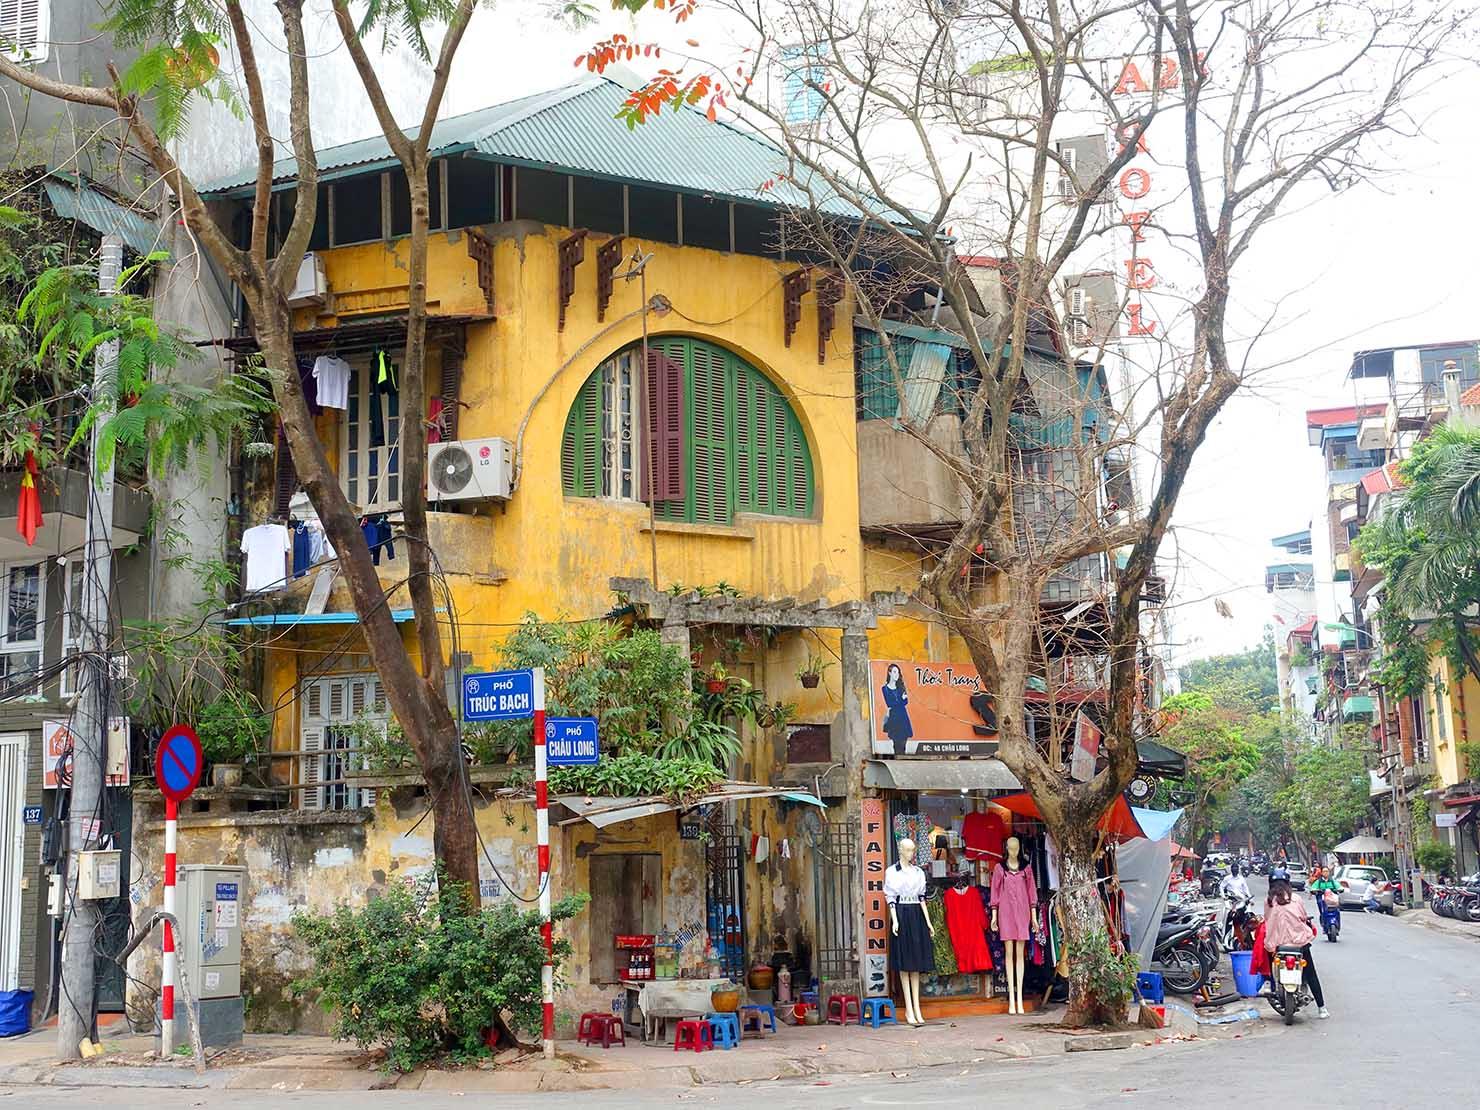 ベトナム・ハノイにあるタイ湖エリア周辺の街並み